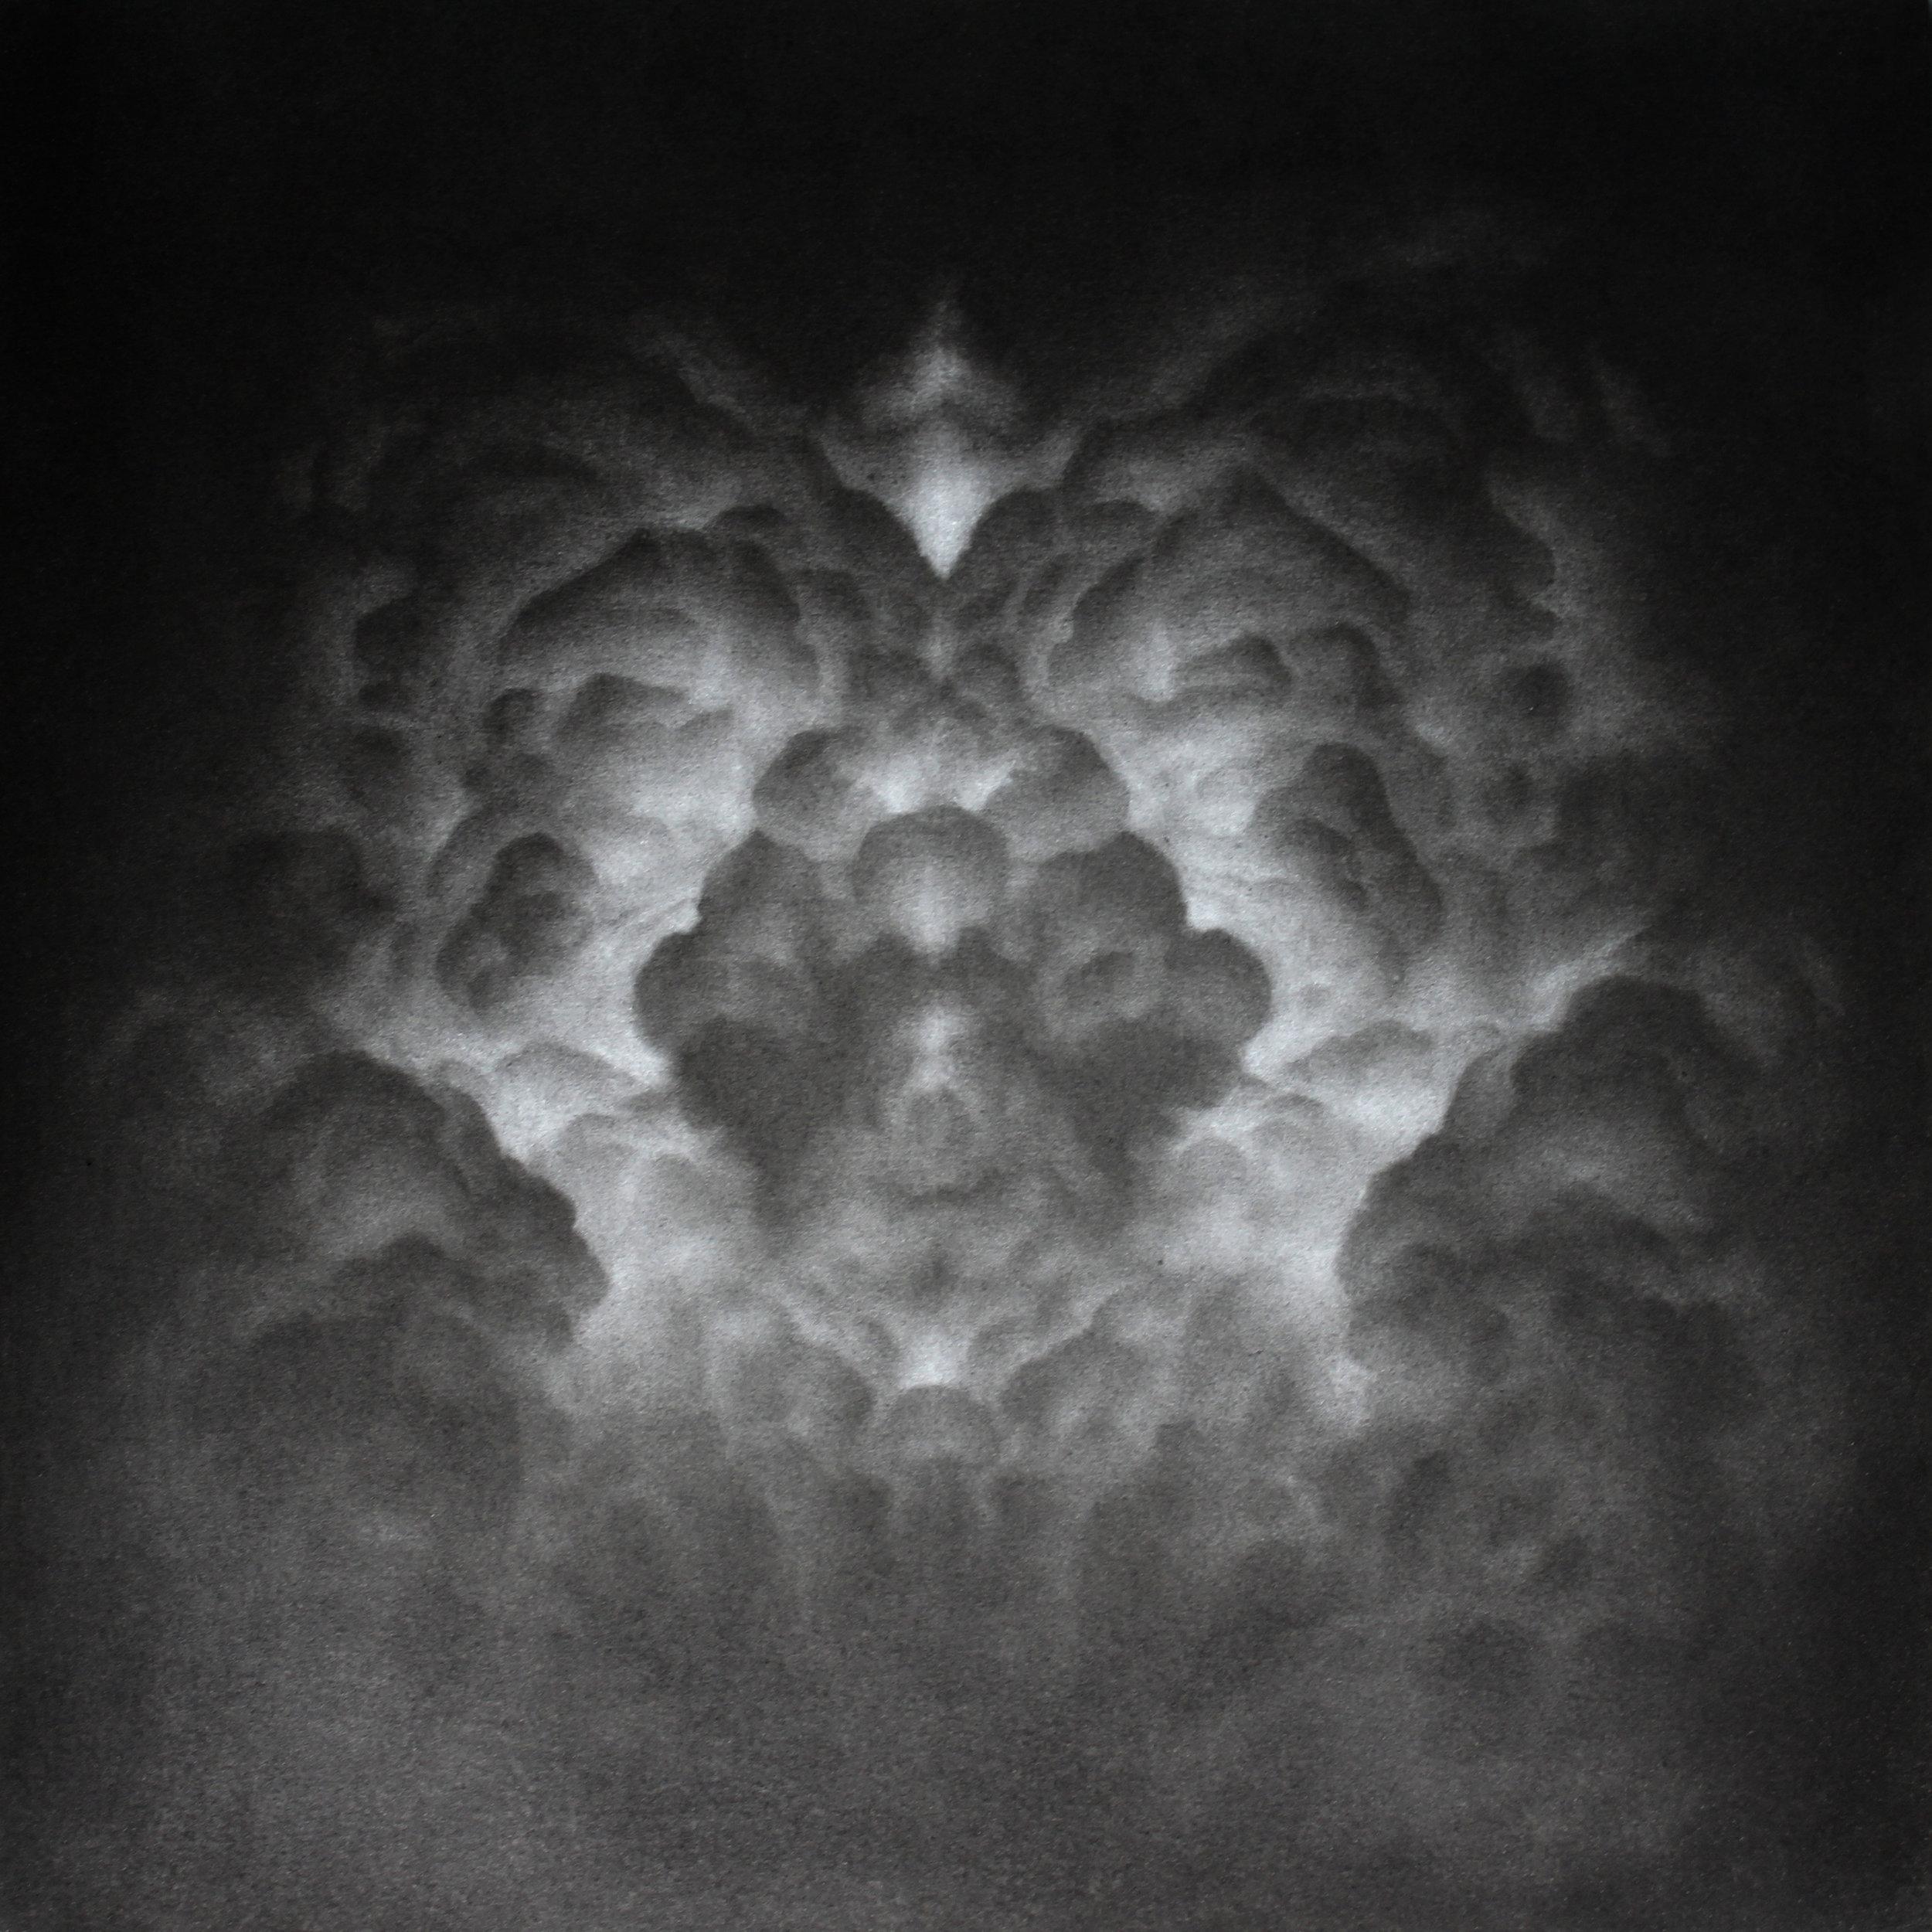 Simetrías celestes IV